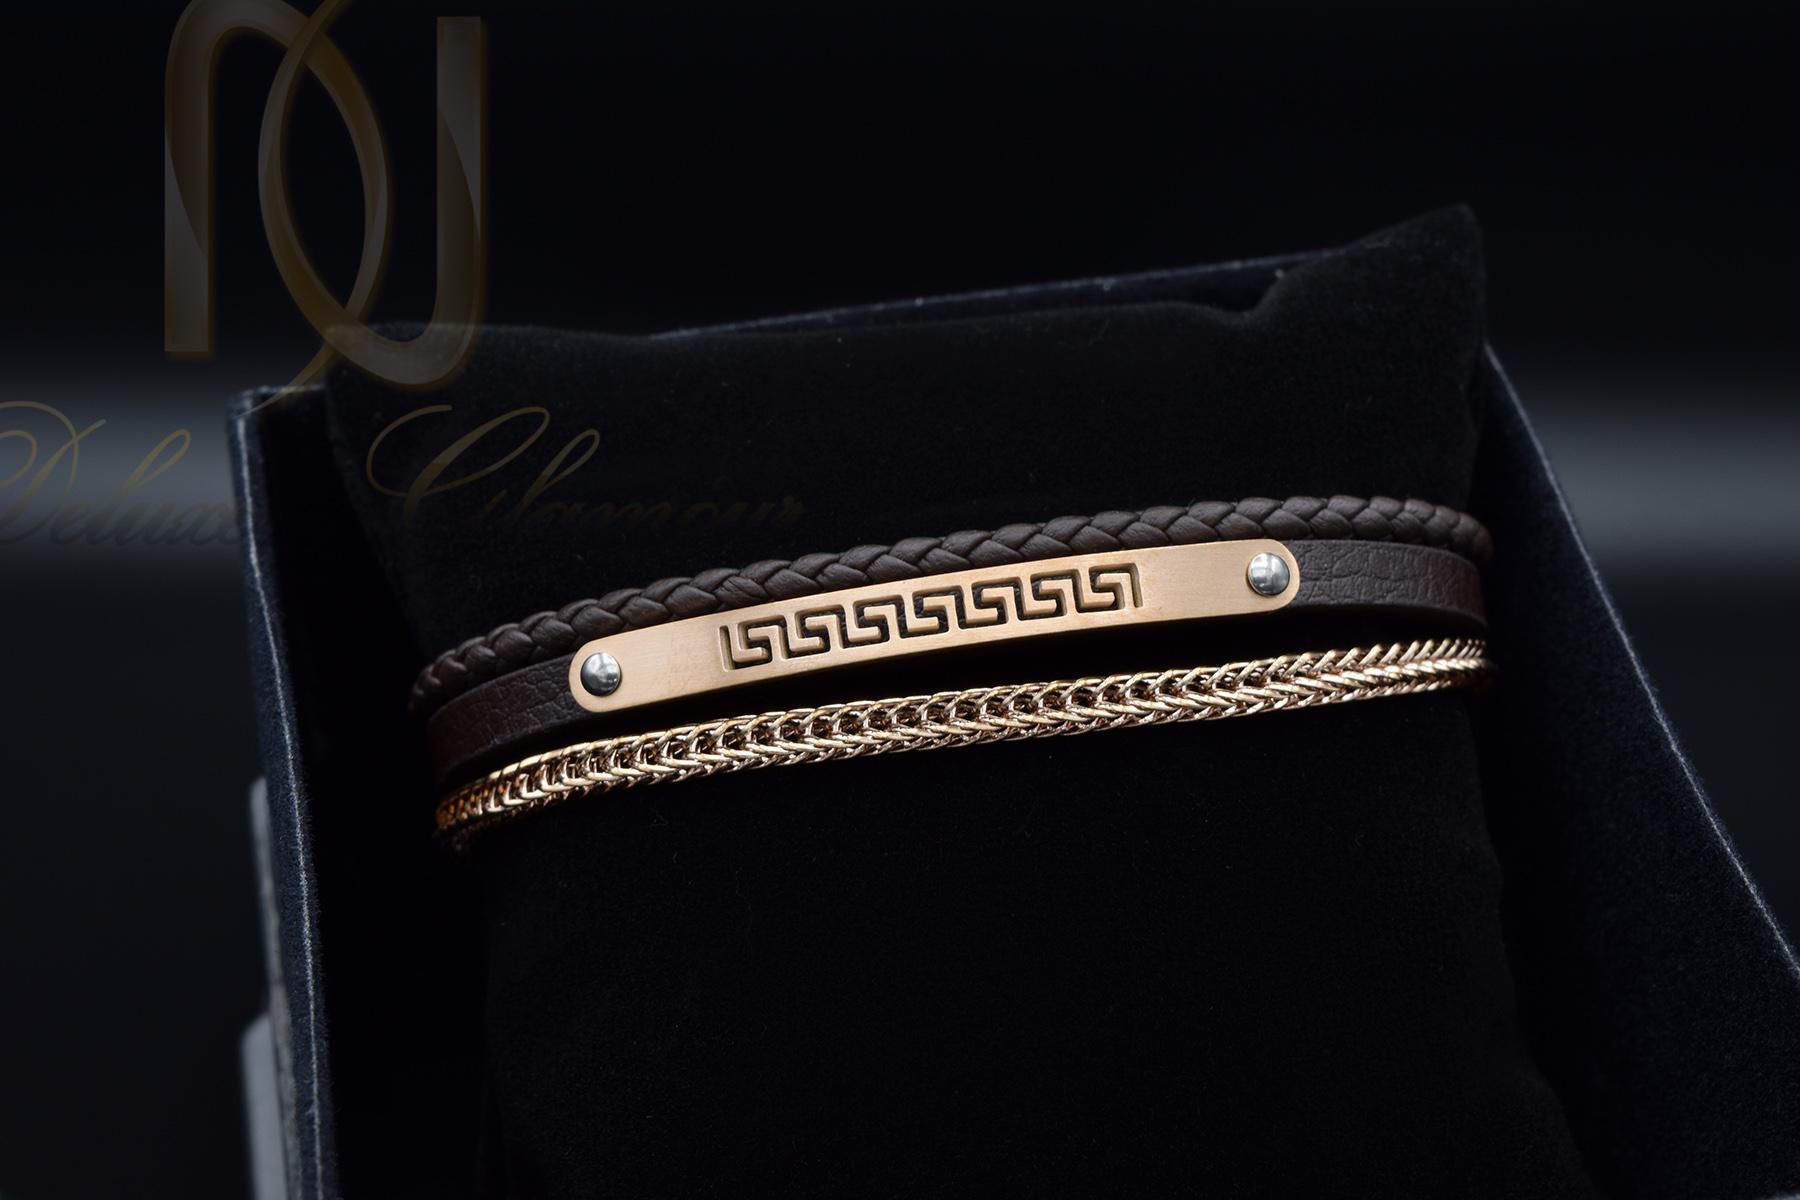 دستبند مردانه چرم سه لاینه زنجیری با رویه استیل رنگ رزگلد